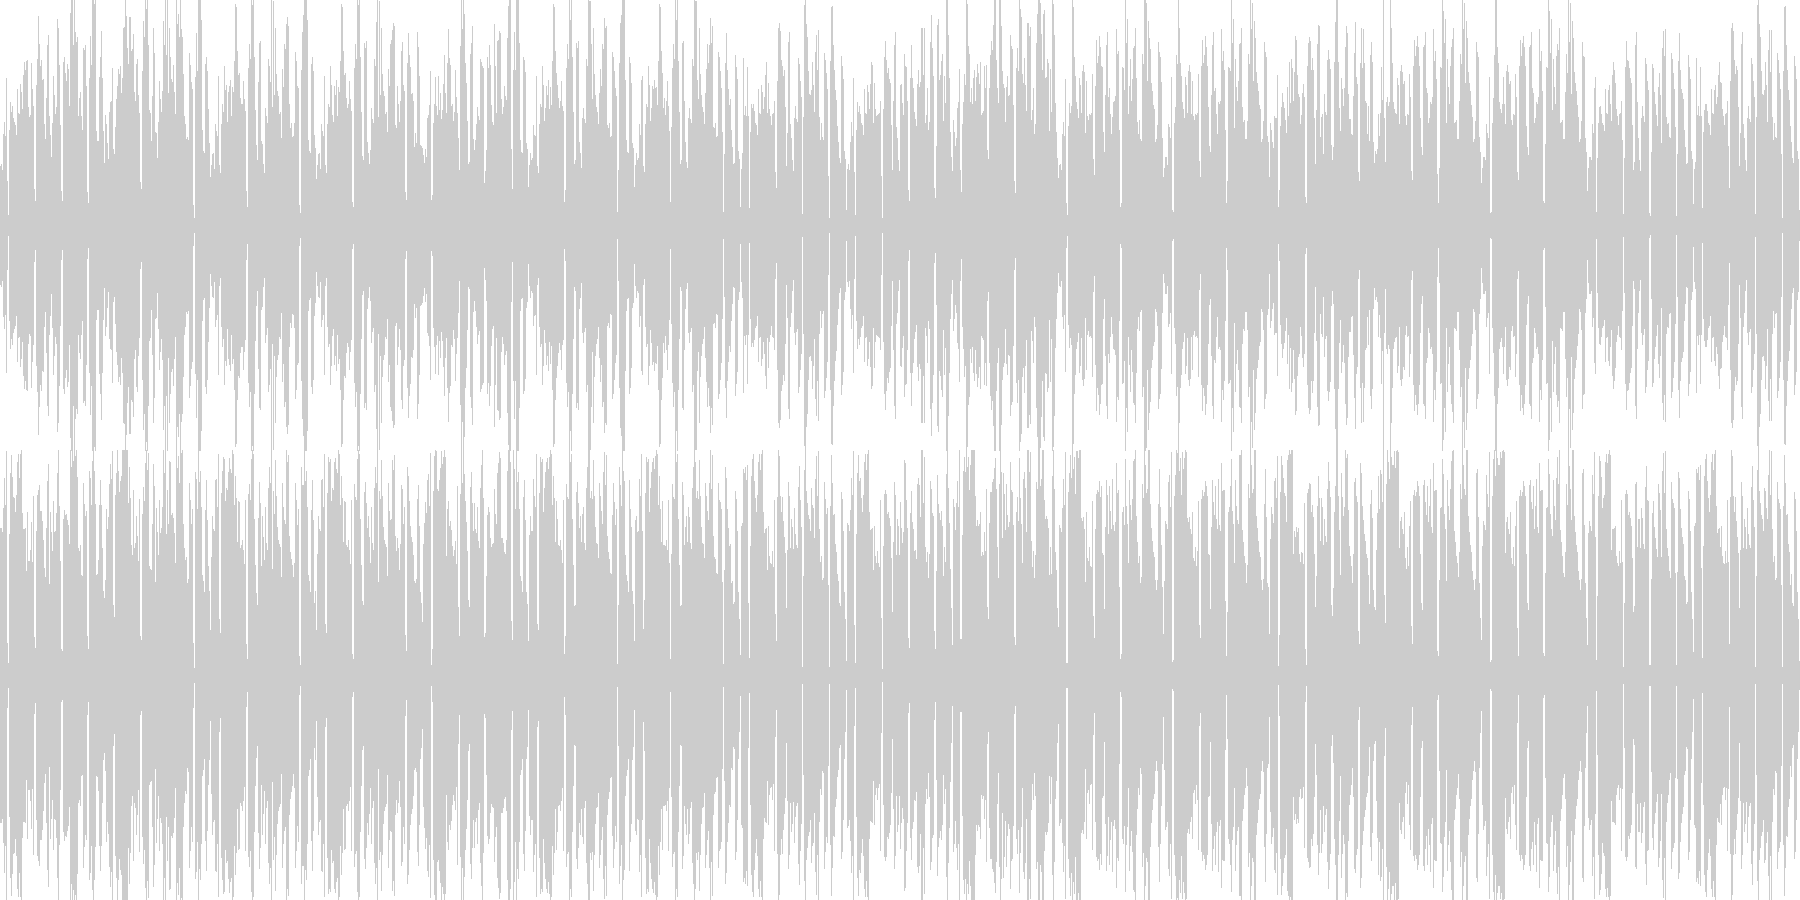 ボサノバ調・癒しギターバックグラウンドにの未再生の波形